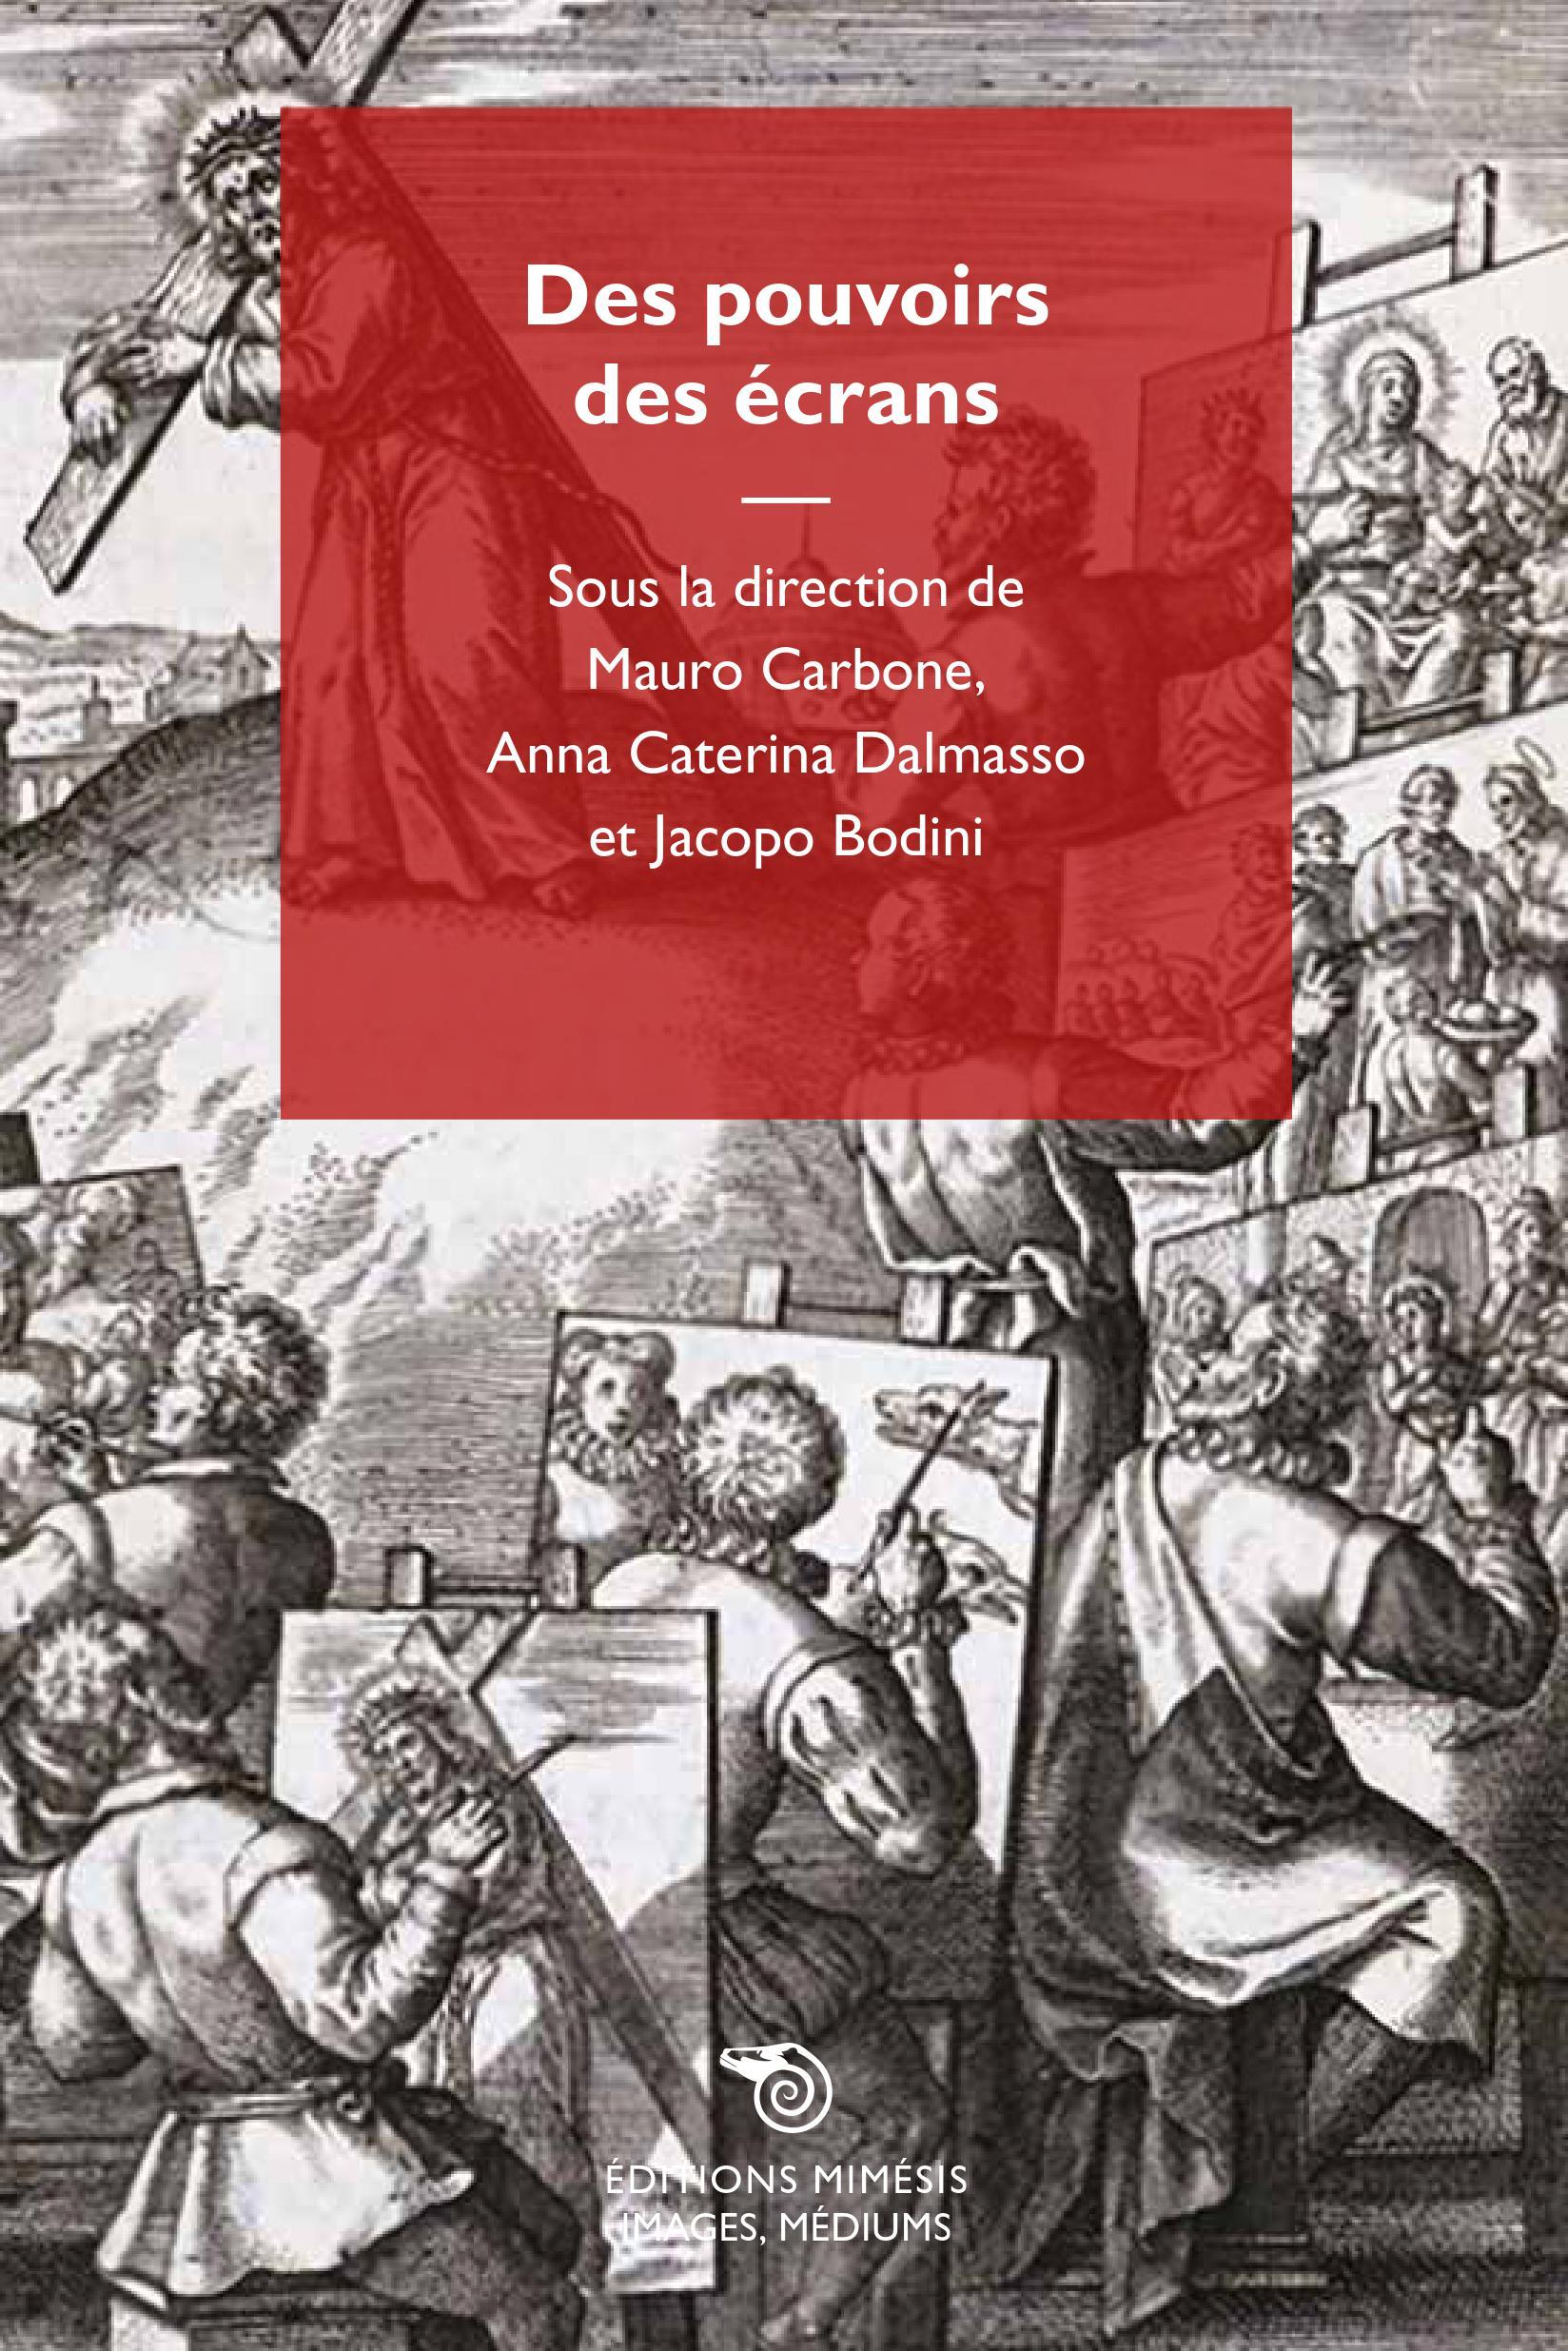 Mauro Carbone, Anna Caterina Dalmasso, Jacopo Bodini (éds.), Des pouvoirs des écrans